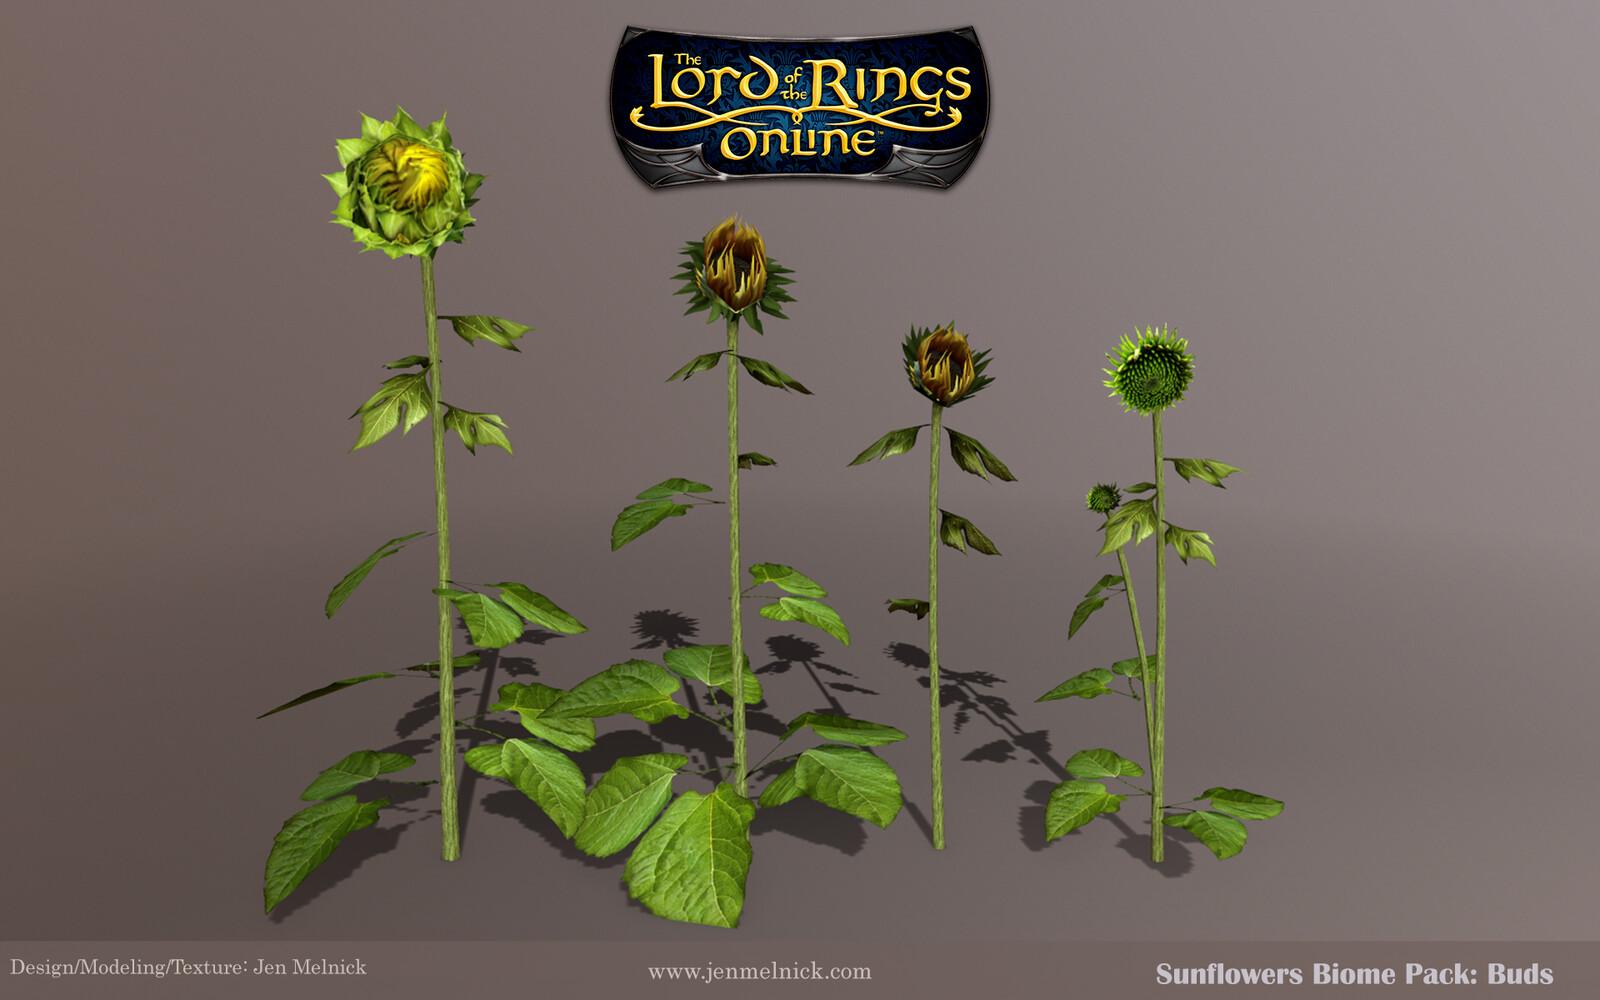 Sunflowers: Four individual bud stalks